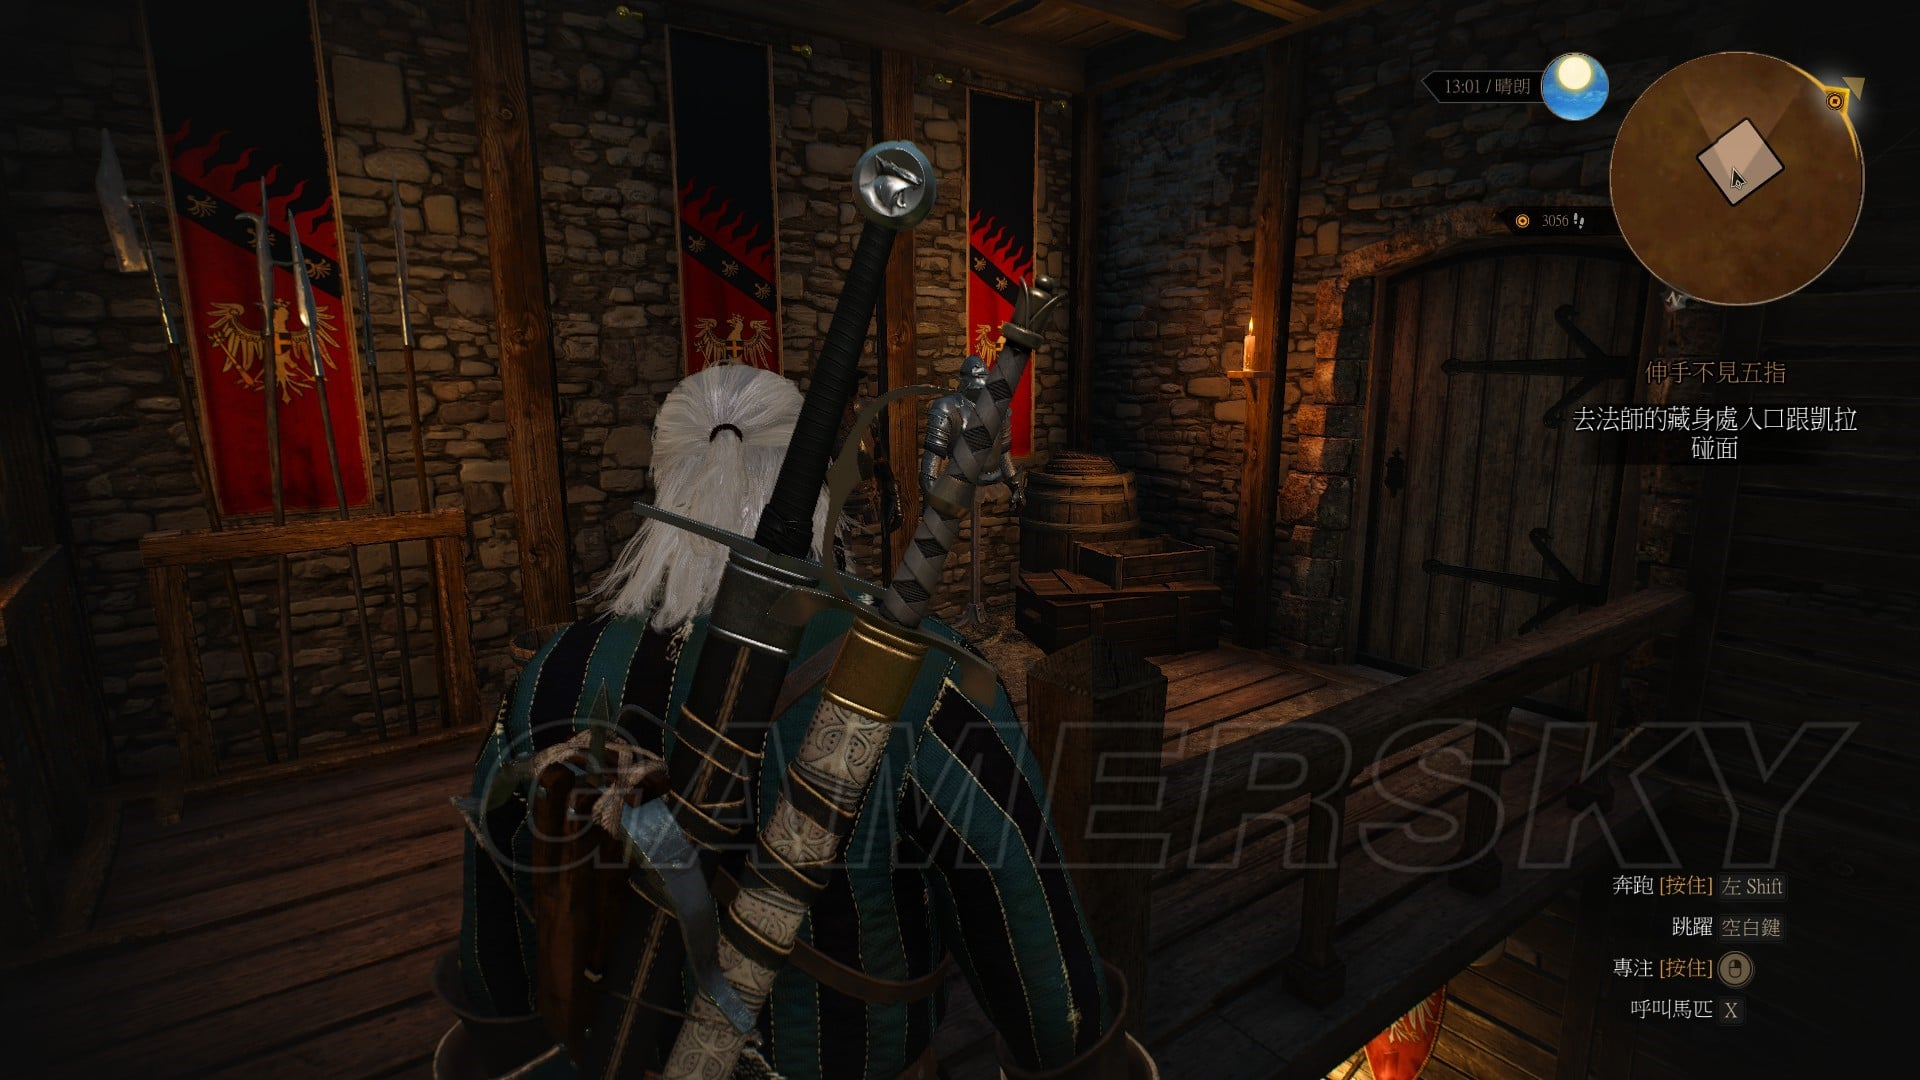 巫師3 諾維格瑞下水道的精靈遺迹入口位置